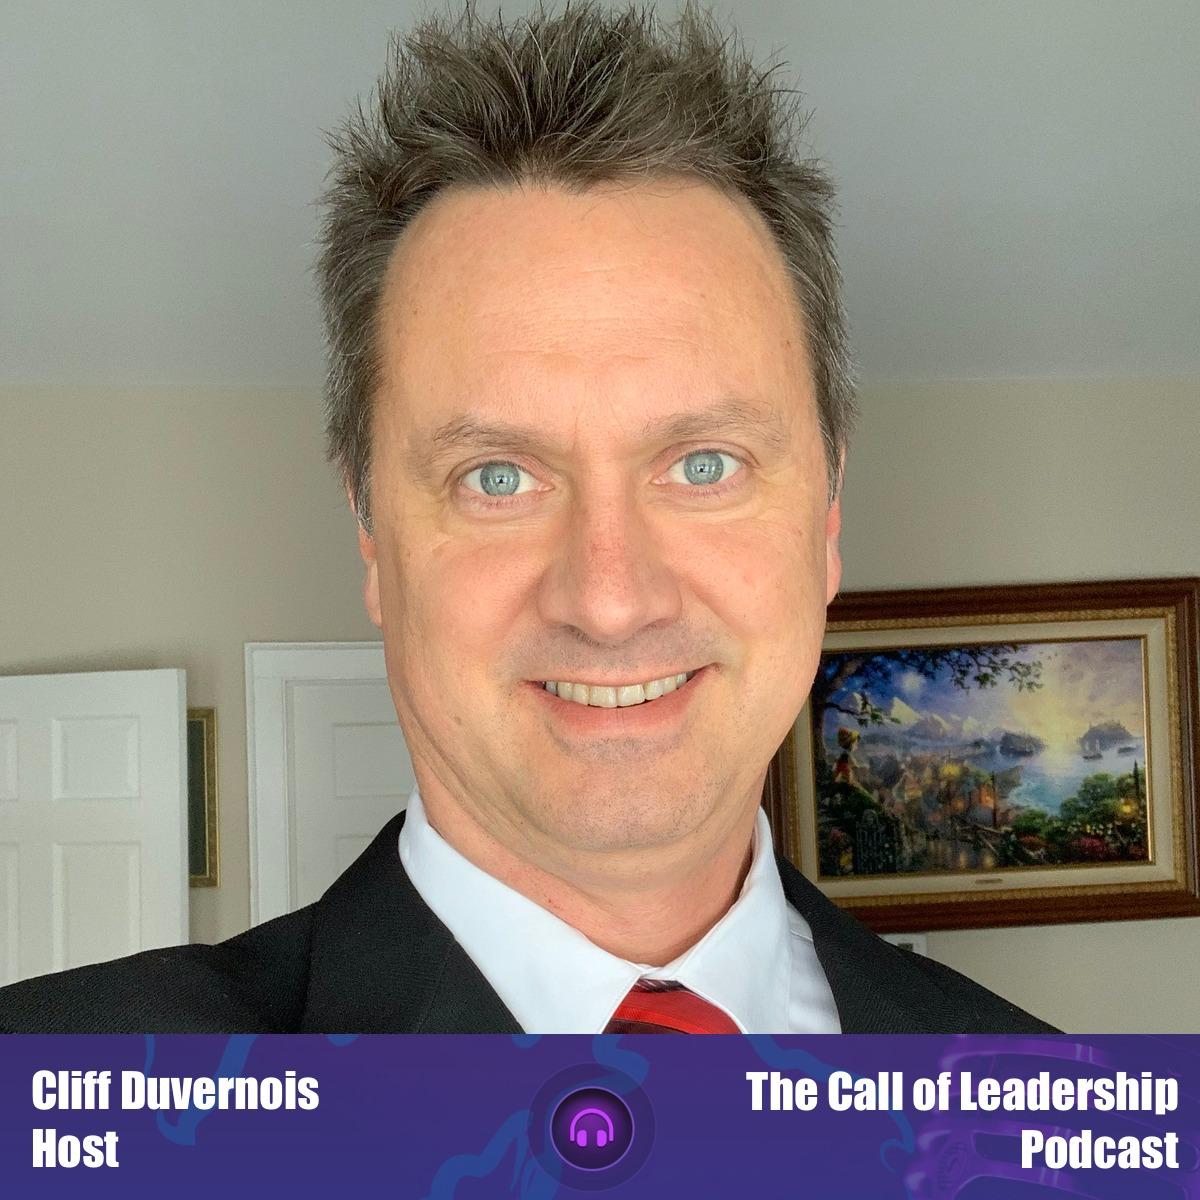 Cliff Duvernois